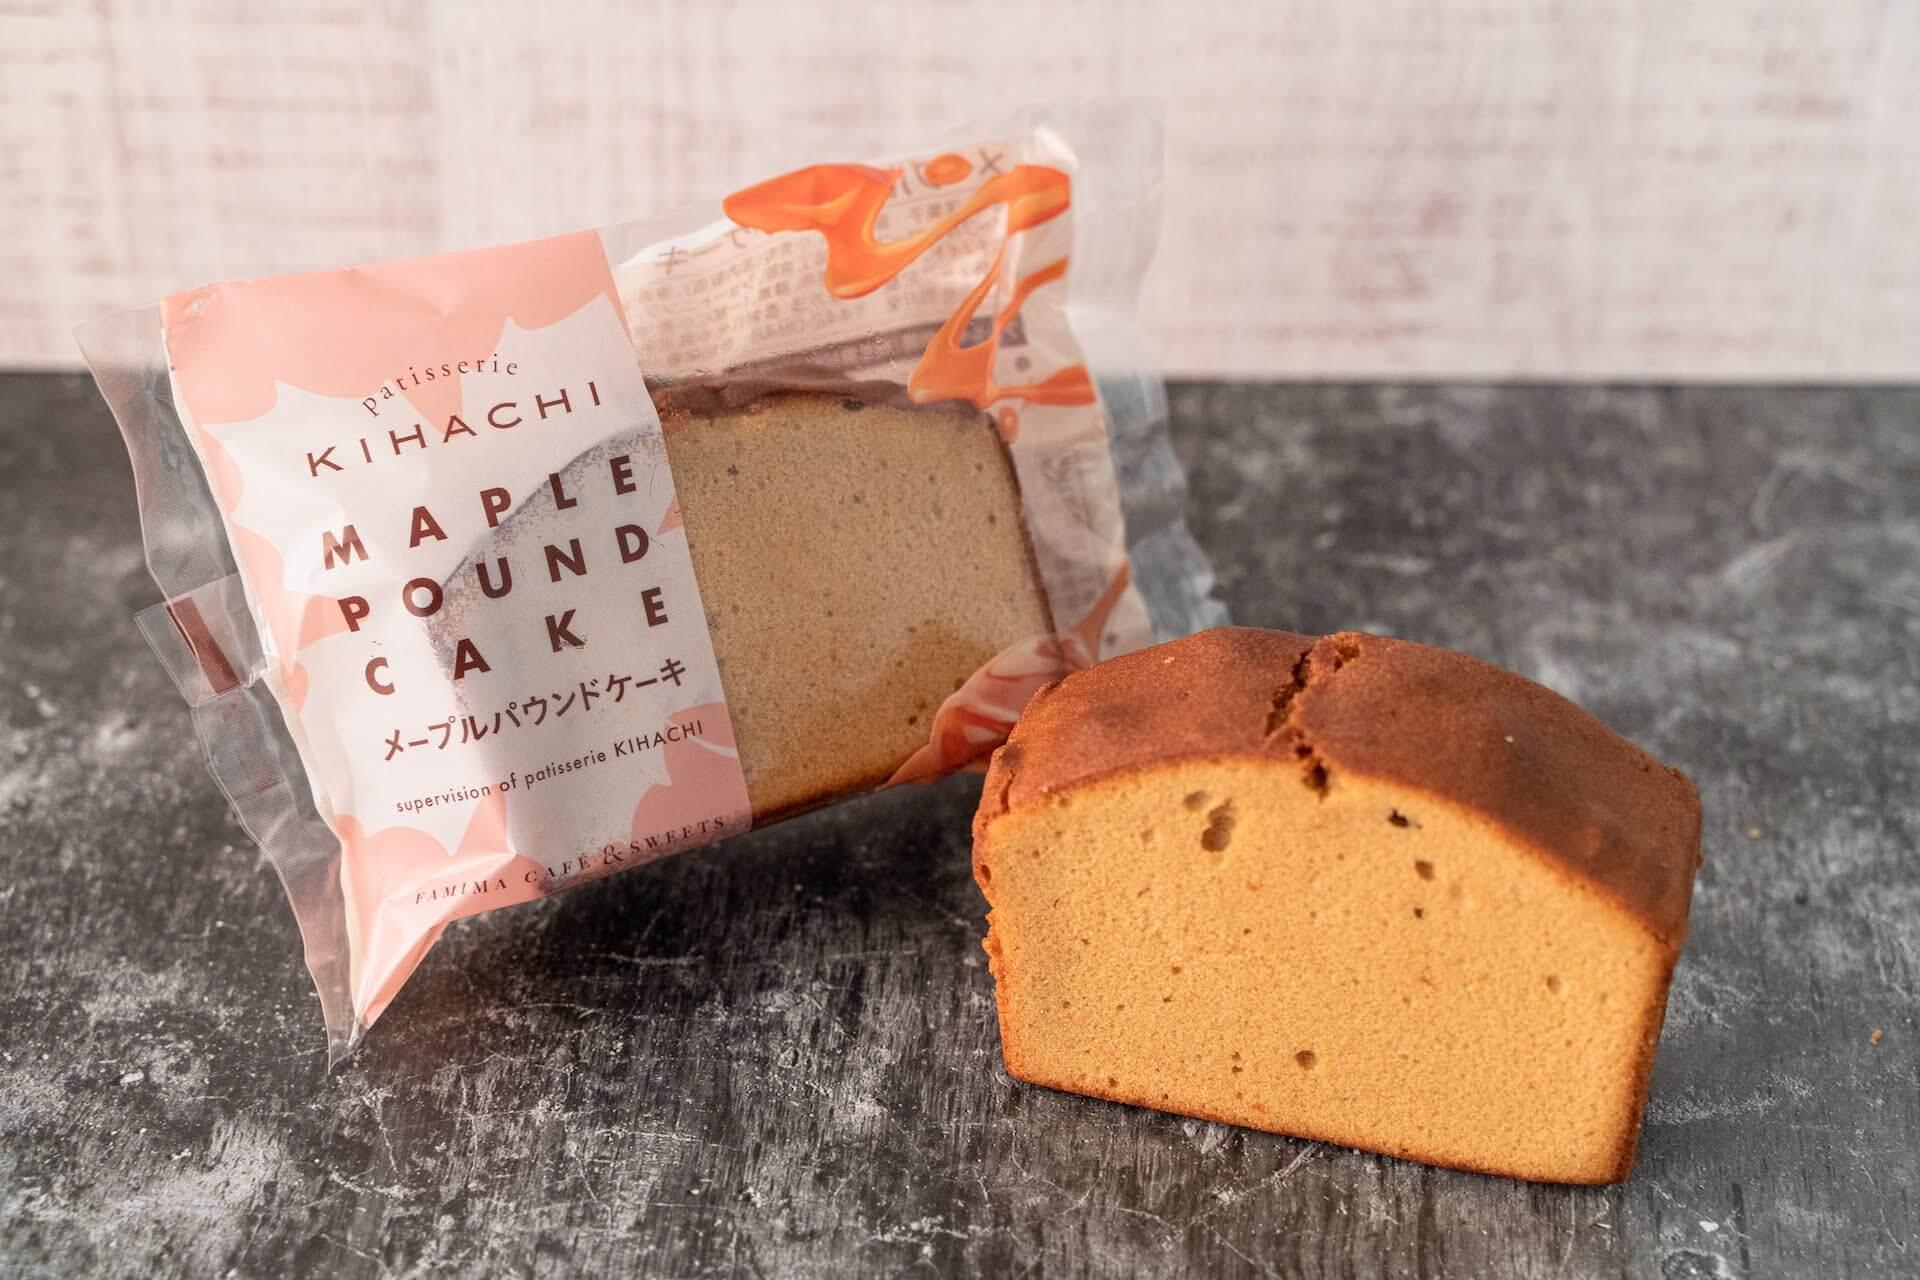 ファミリーマートにてpatisserie KIHACHI監修の焼き菓子5種類が新登場!メープルたっぷりの「メープルバウムクーヘン」など5種類 gourmet210319_familymart_bake_3